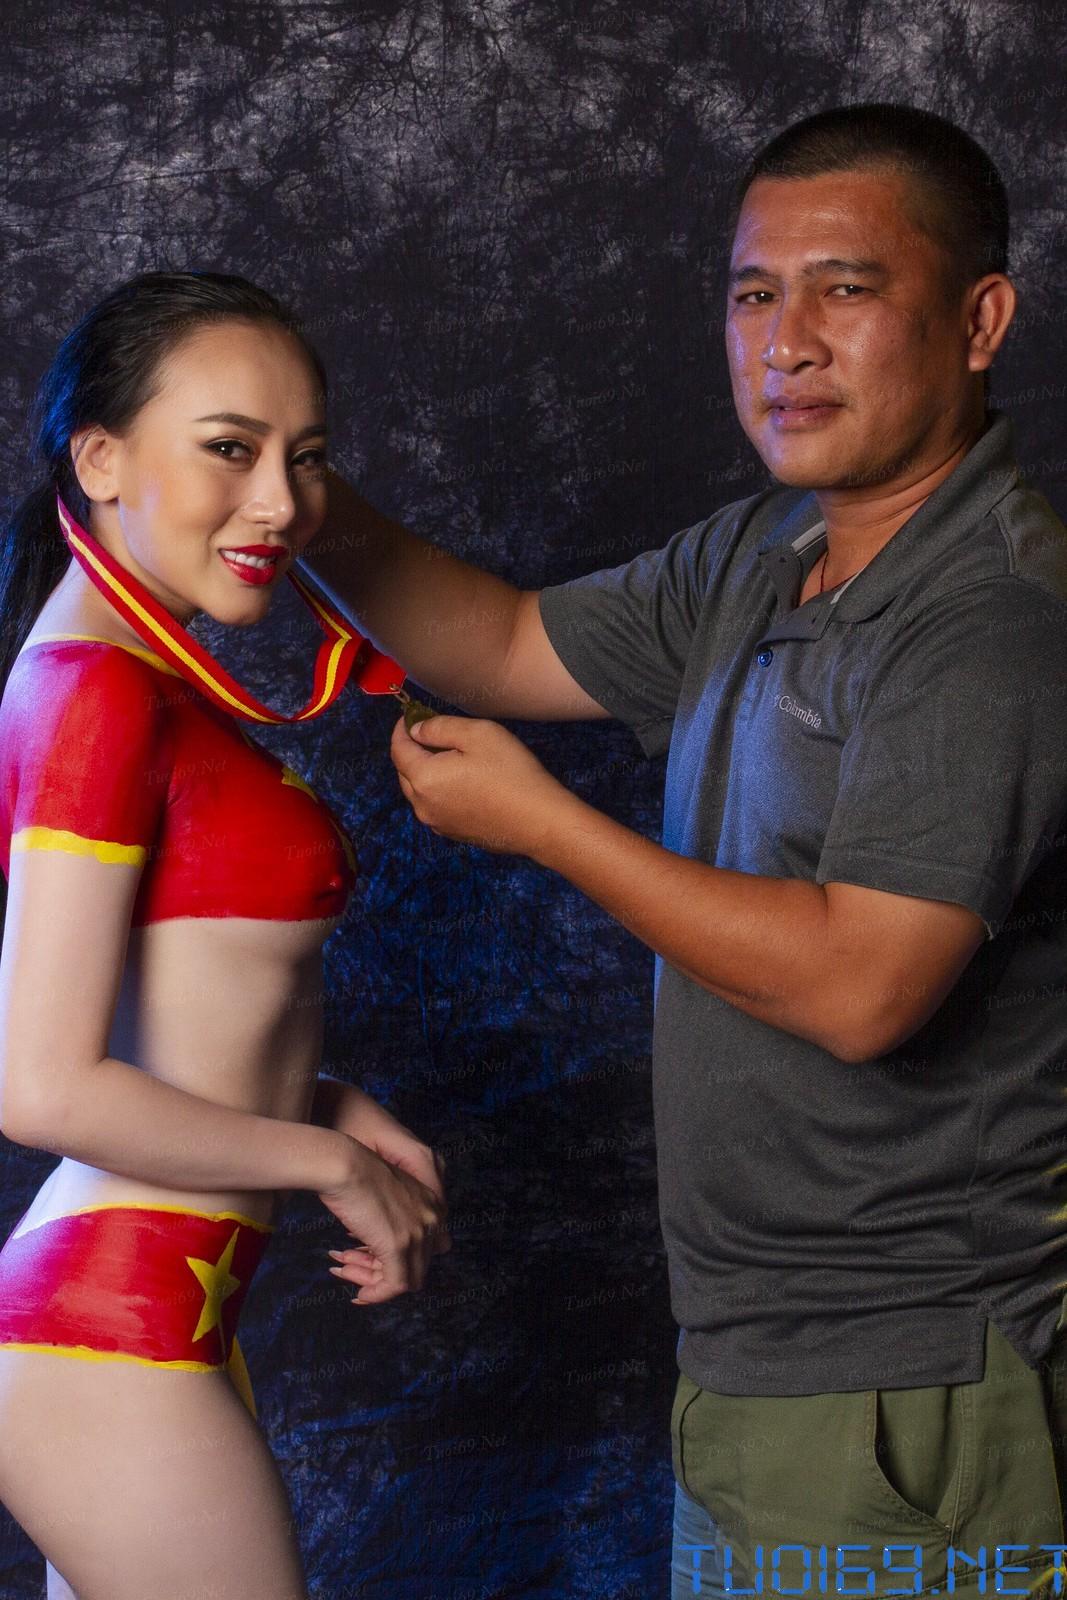 [Nude VIP] Mẫu nude cổ vũ đội tuyển bóng đá Việt Nam vô địch Seagame